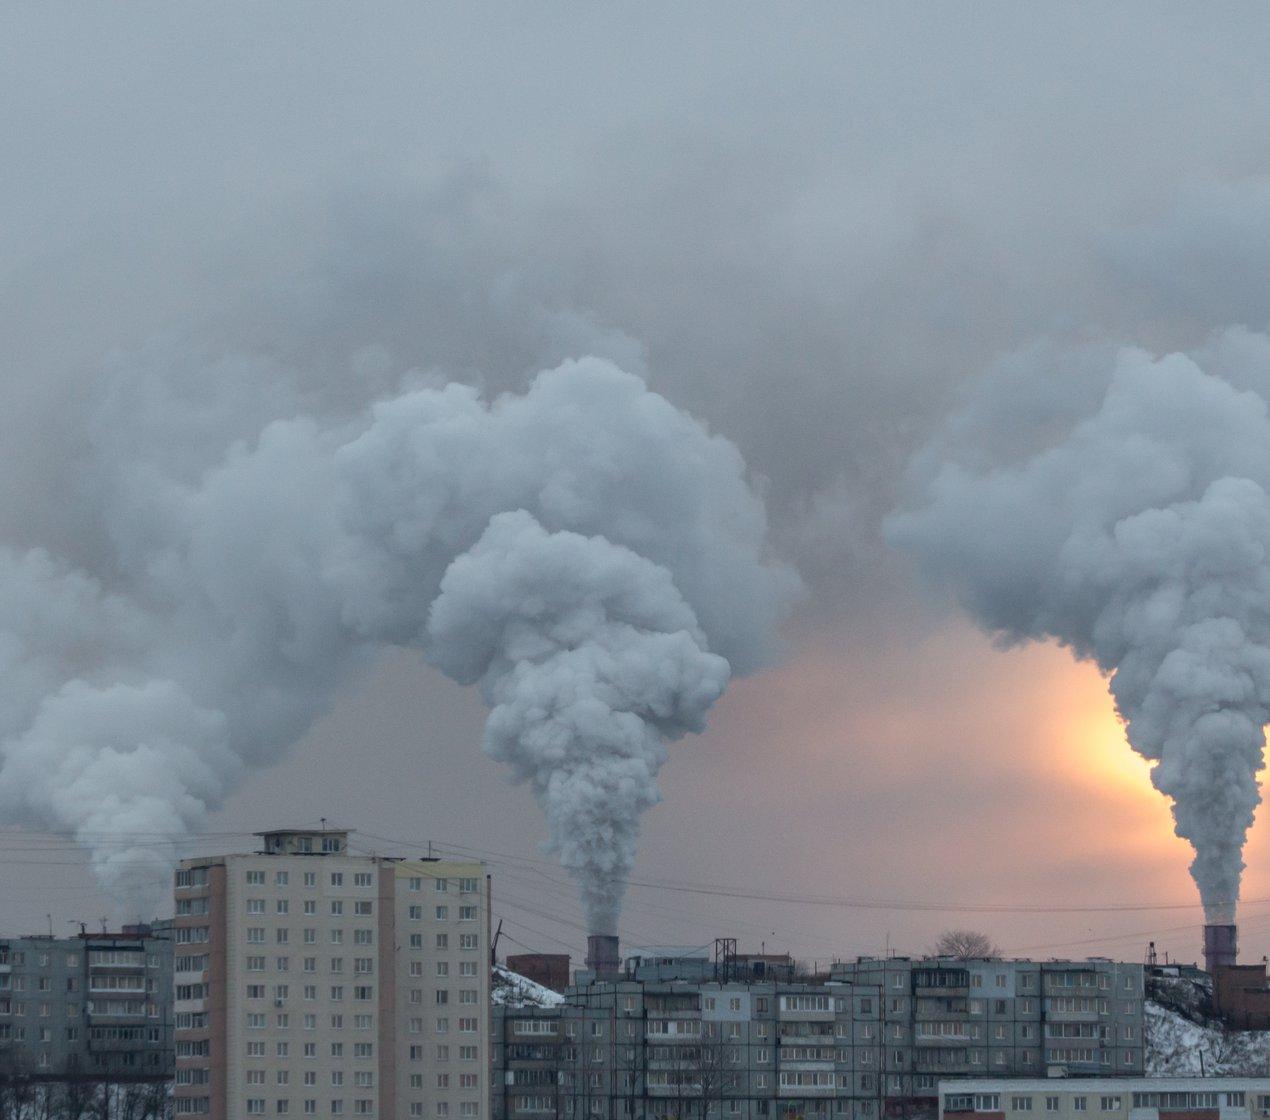 Factory smoke, sky